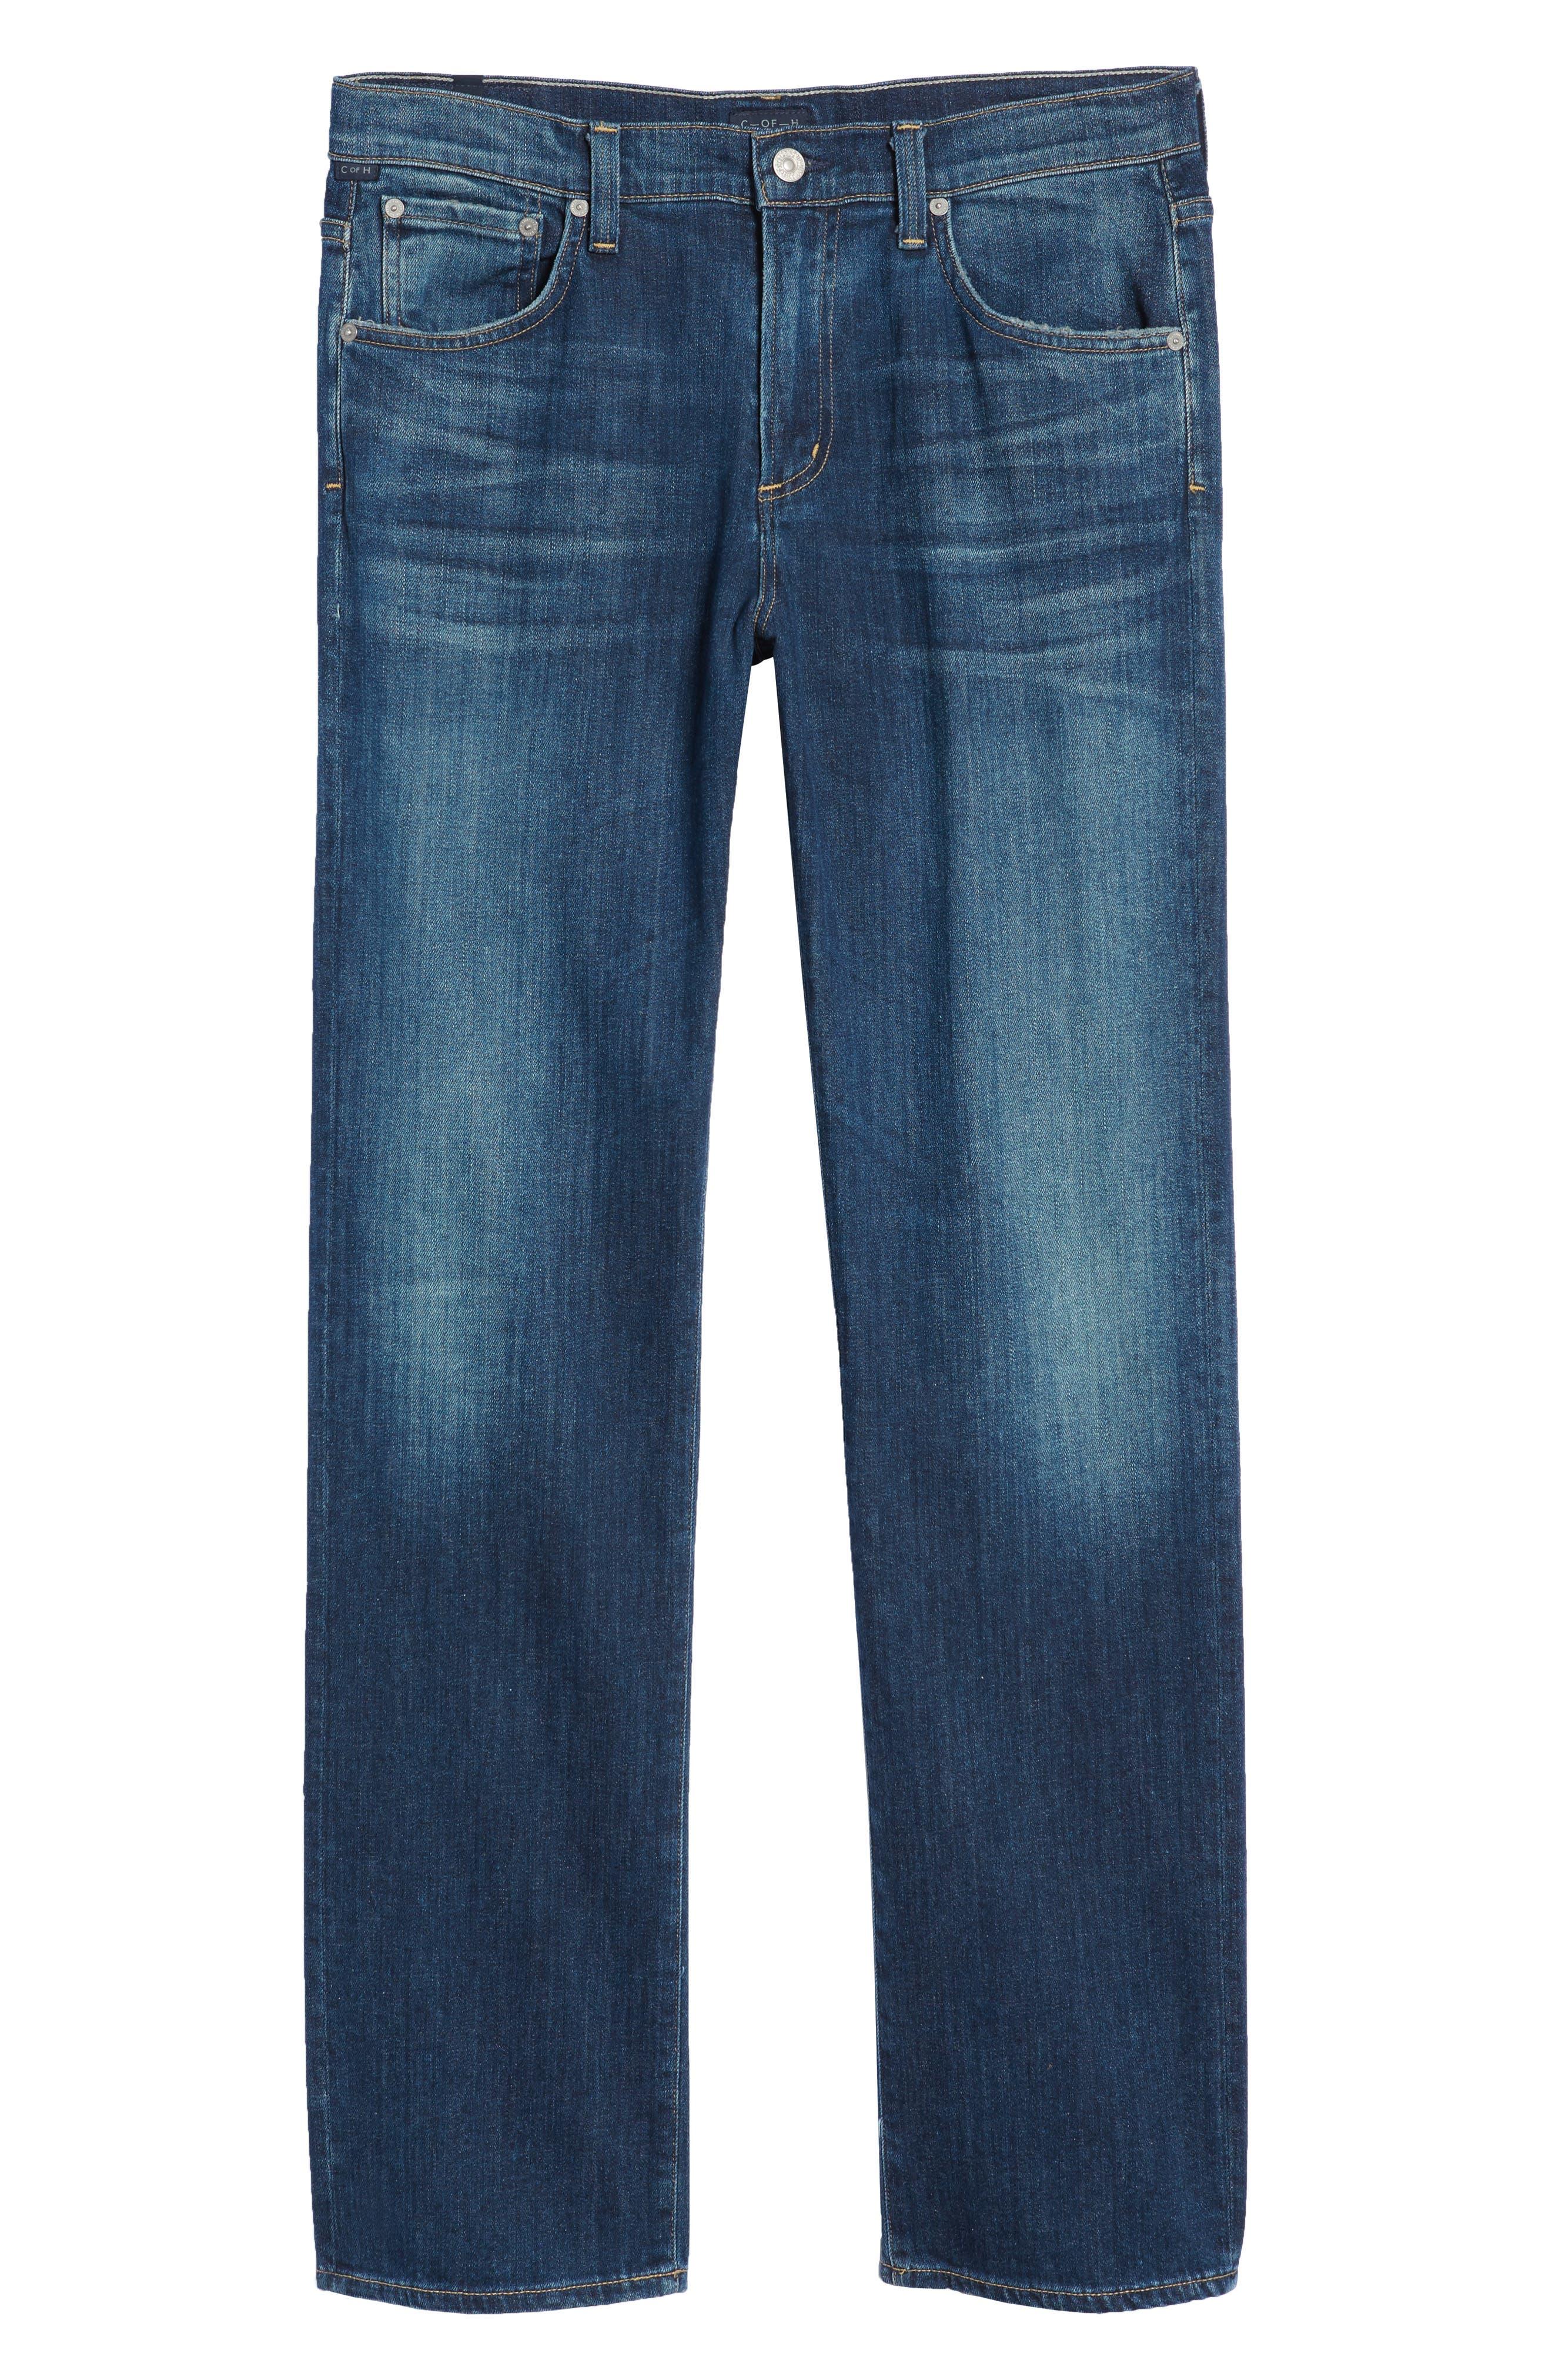 Sid Straight Leg Jeans,                             Alternate thumbnail 6, color,                             ADLER